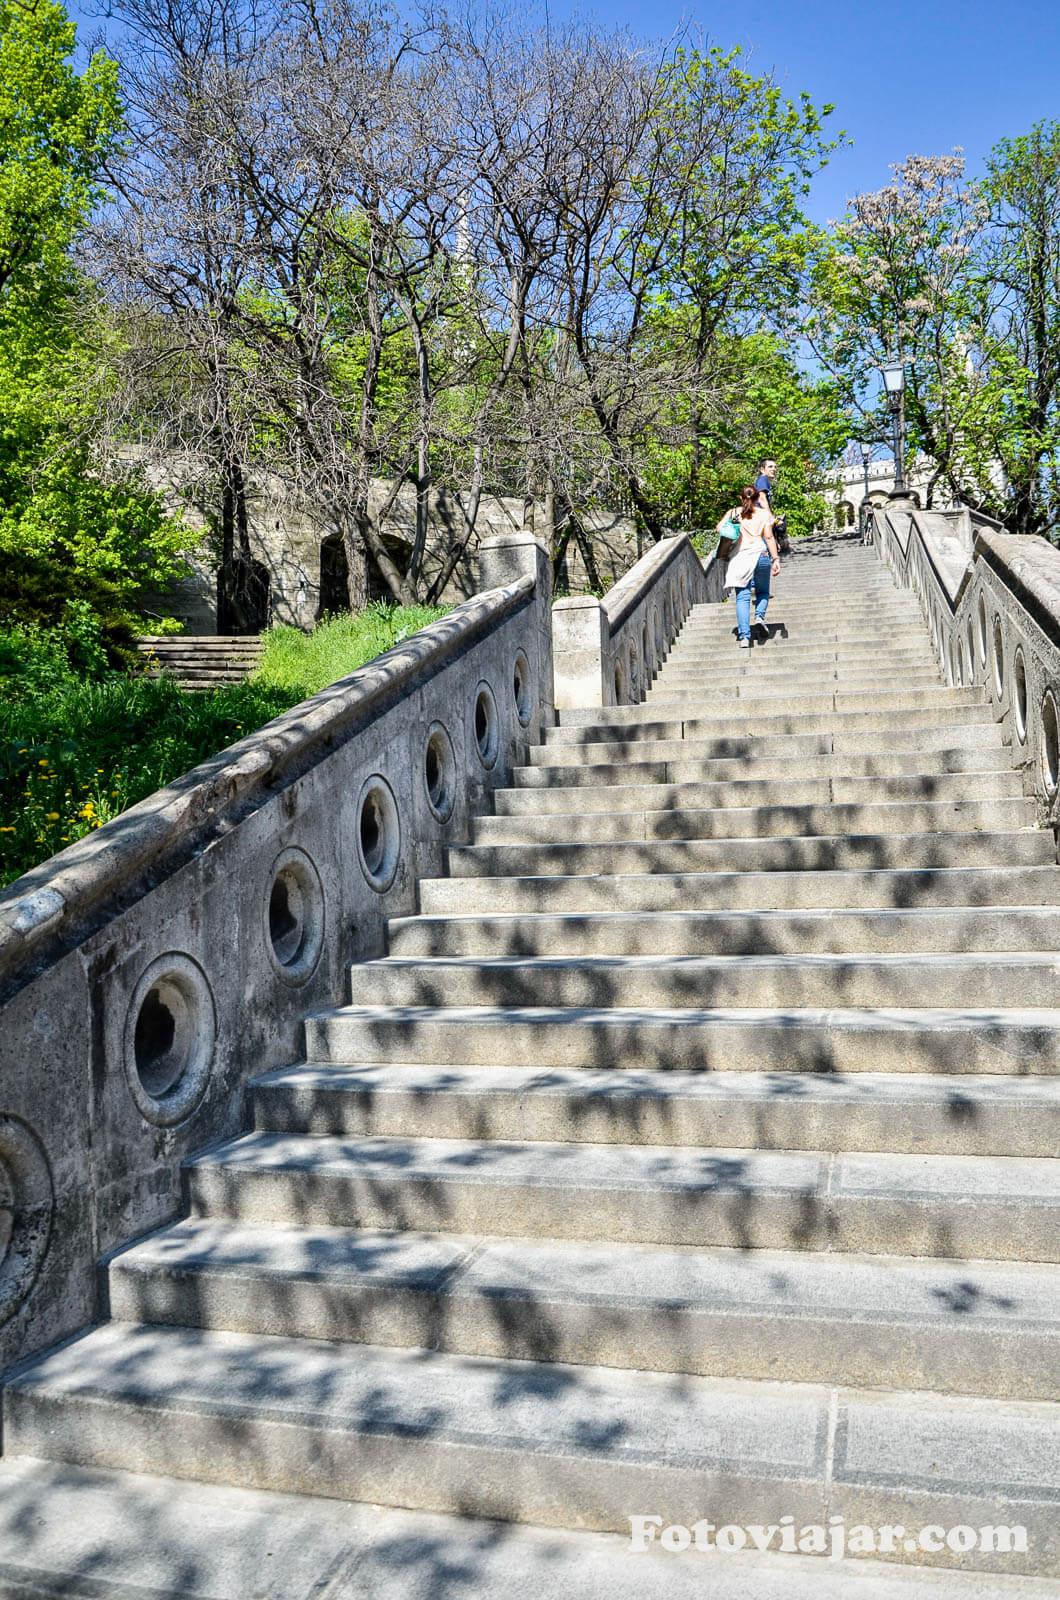 visitar budapeste castelo escadas praca Clark Adam